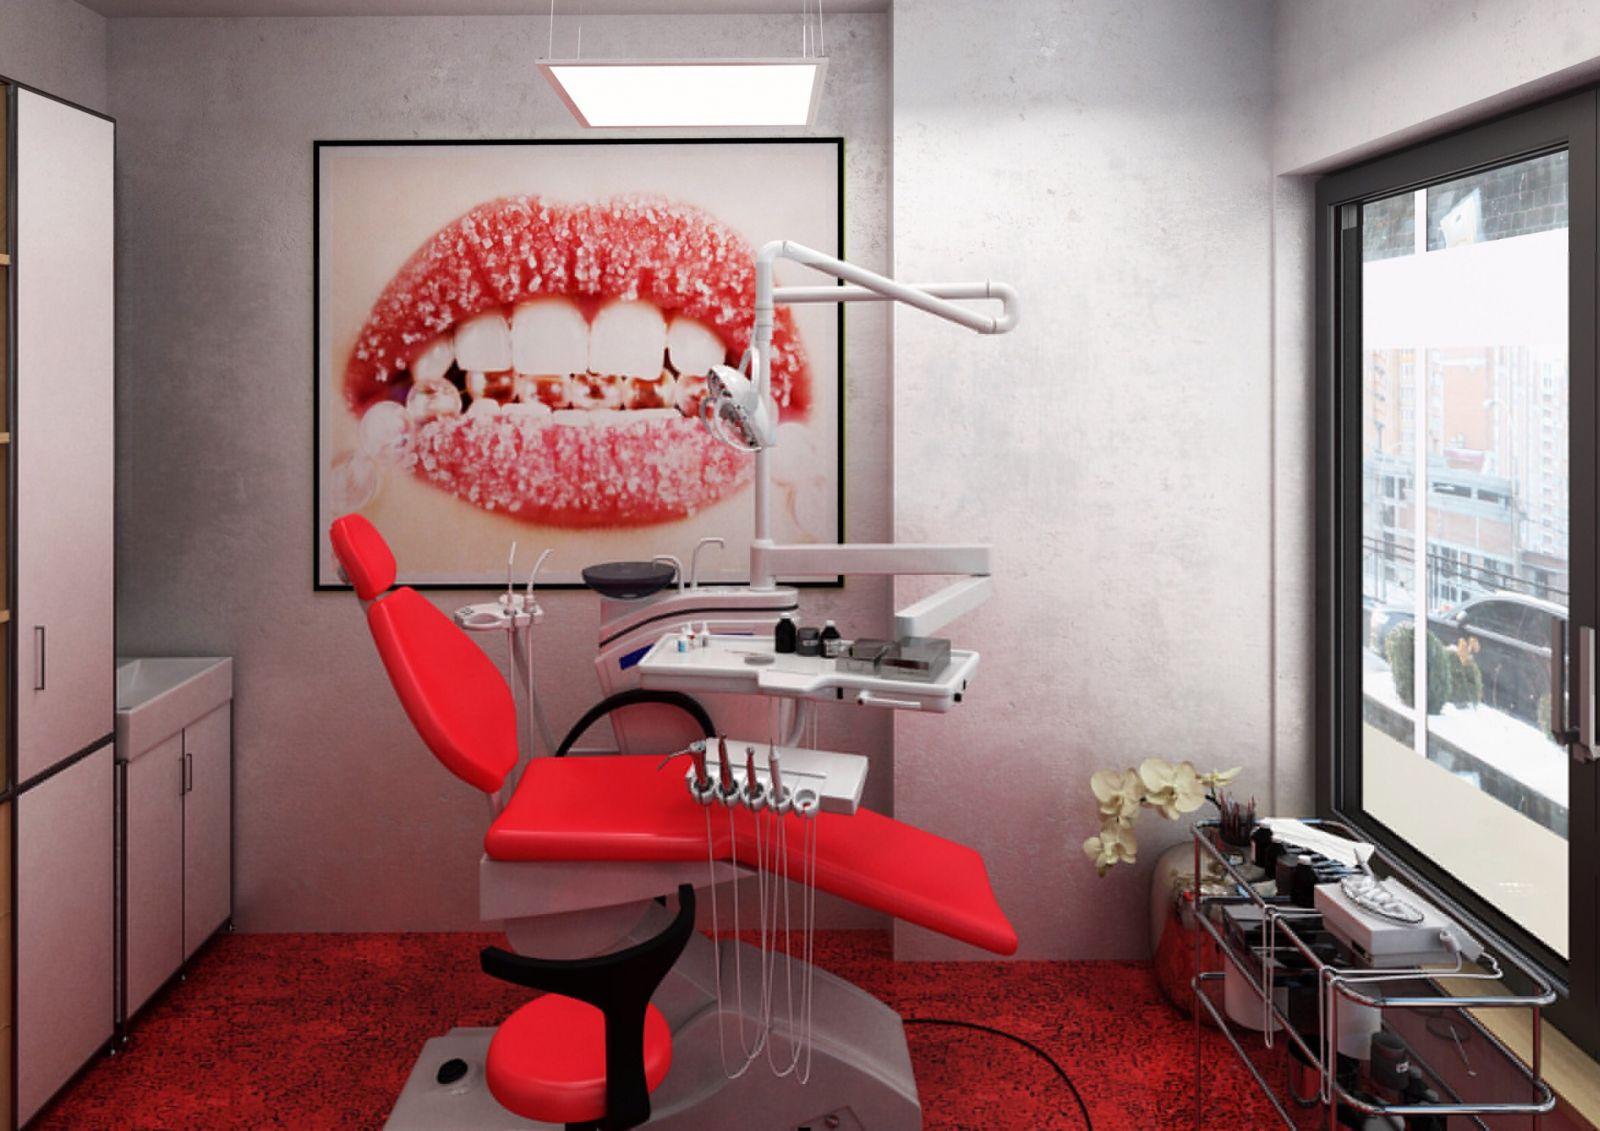 Как не бояться стоматолога: в Киеве открылась первая студия в формате Dental Spa - Andreeva PearlSmile